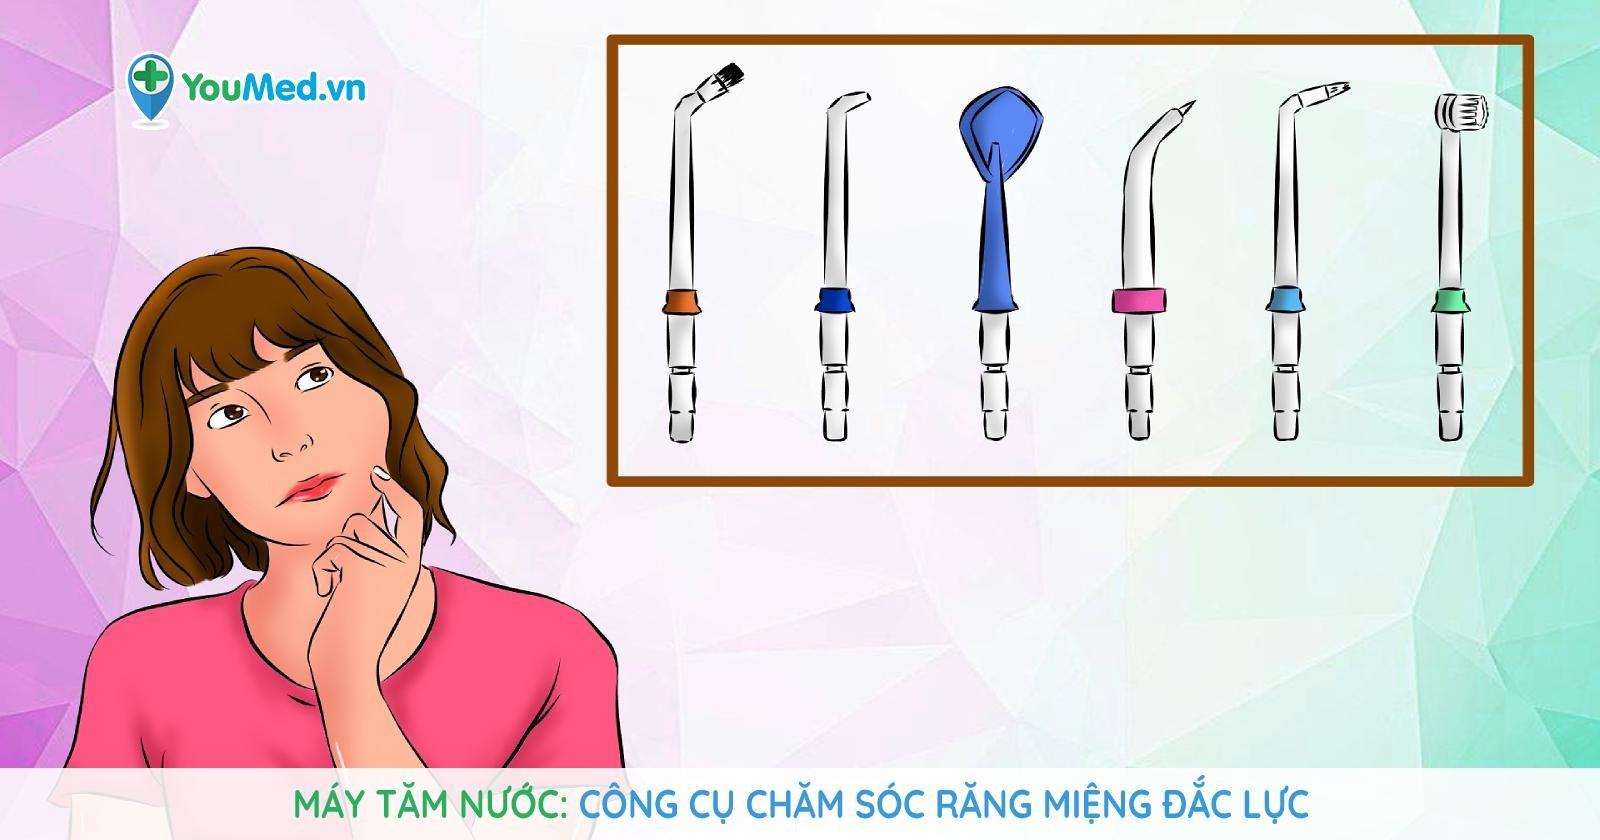 Máy tăm nước: Công cụ chăm sóc răng miệng đắc lực